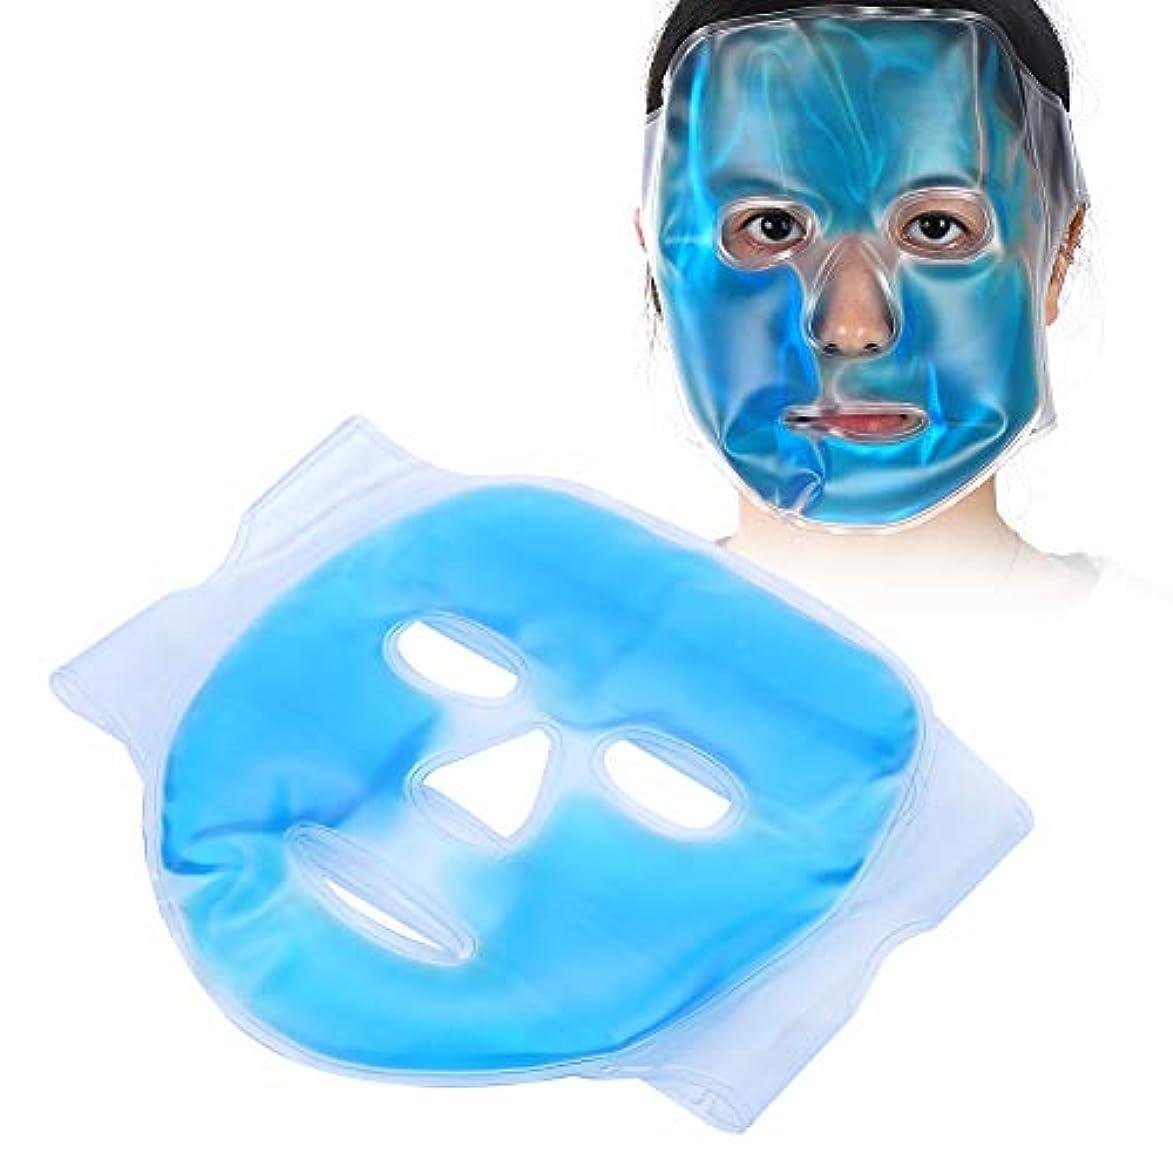 才能動隣接する保湿 ジェル ブルー フェイスマスク 疲労緩和 リラクゼーション フルフェイスクーリングマスク